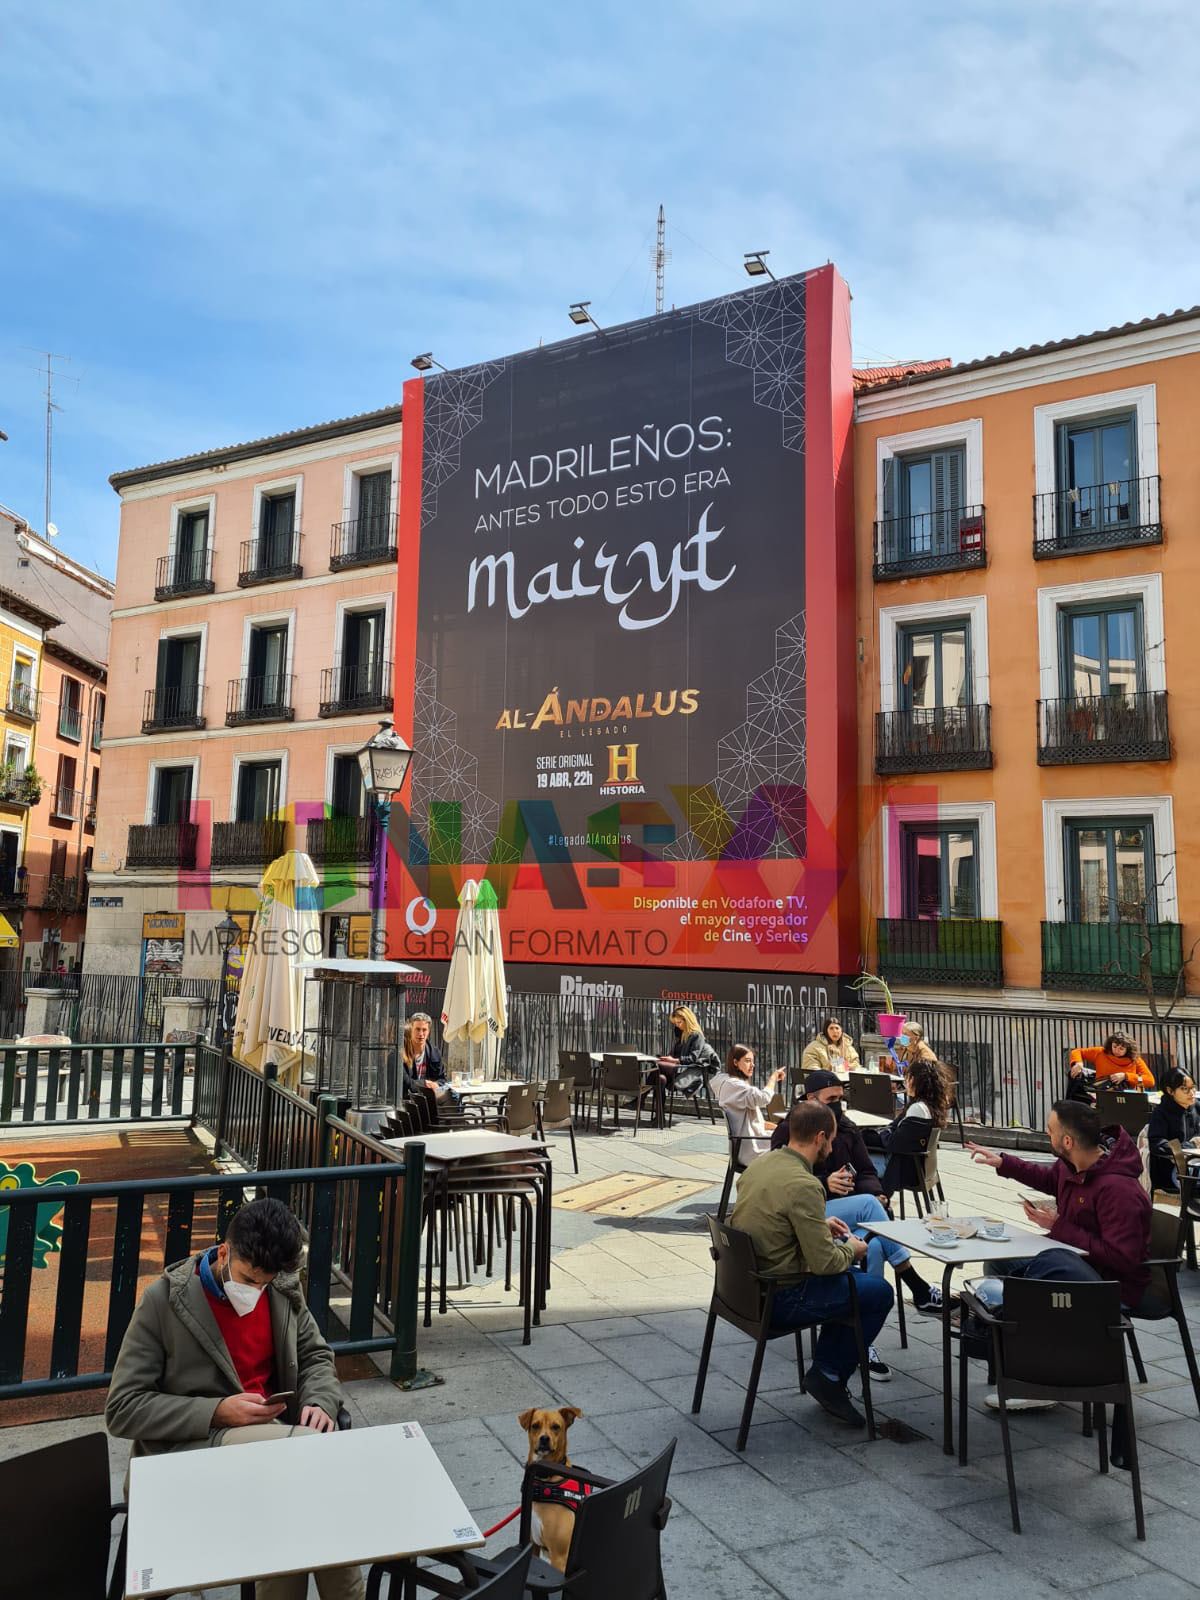 Lona Madrid Al Andalus